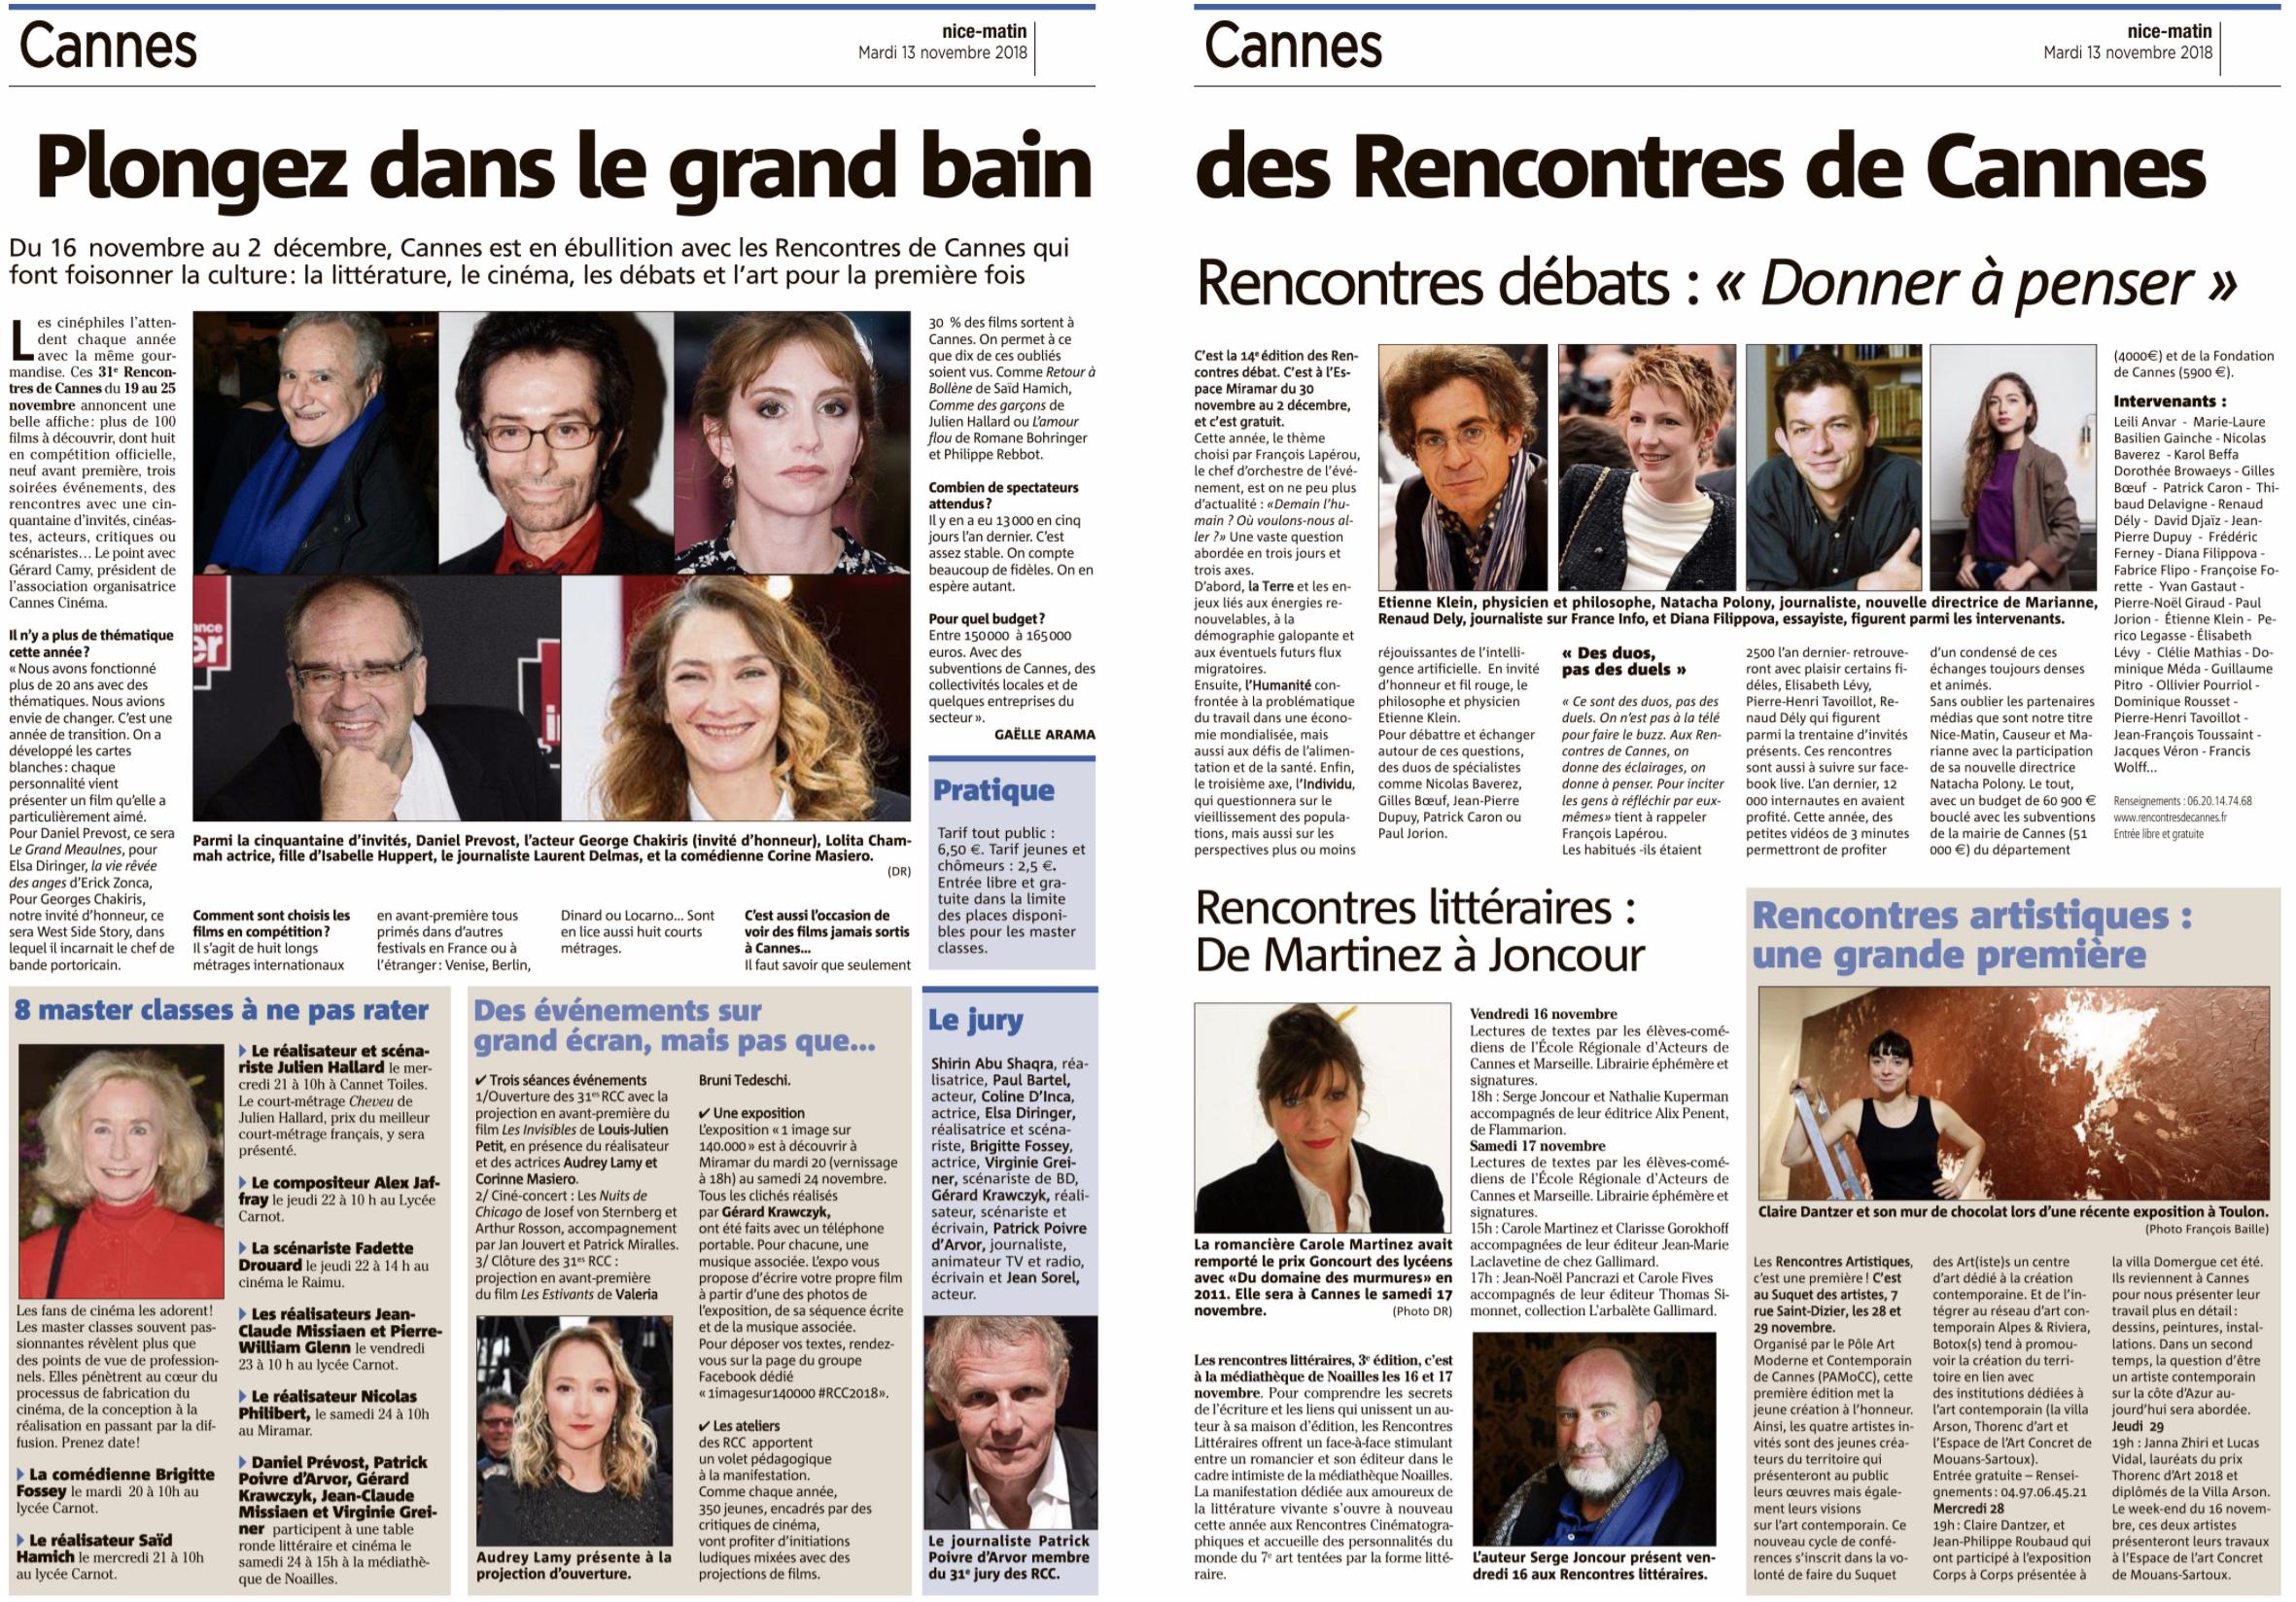 Rencontre à Cannes - Meetic site de rencontre pour célibataires